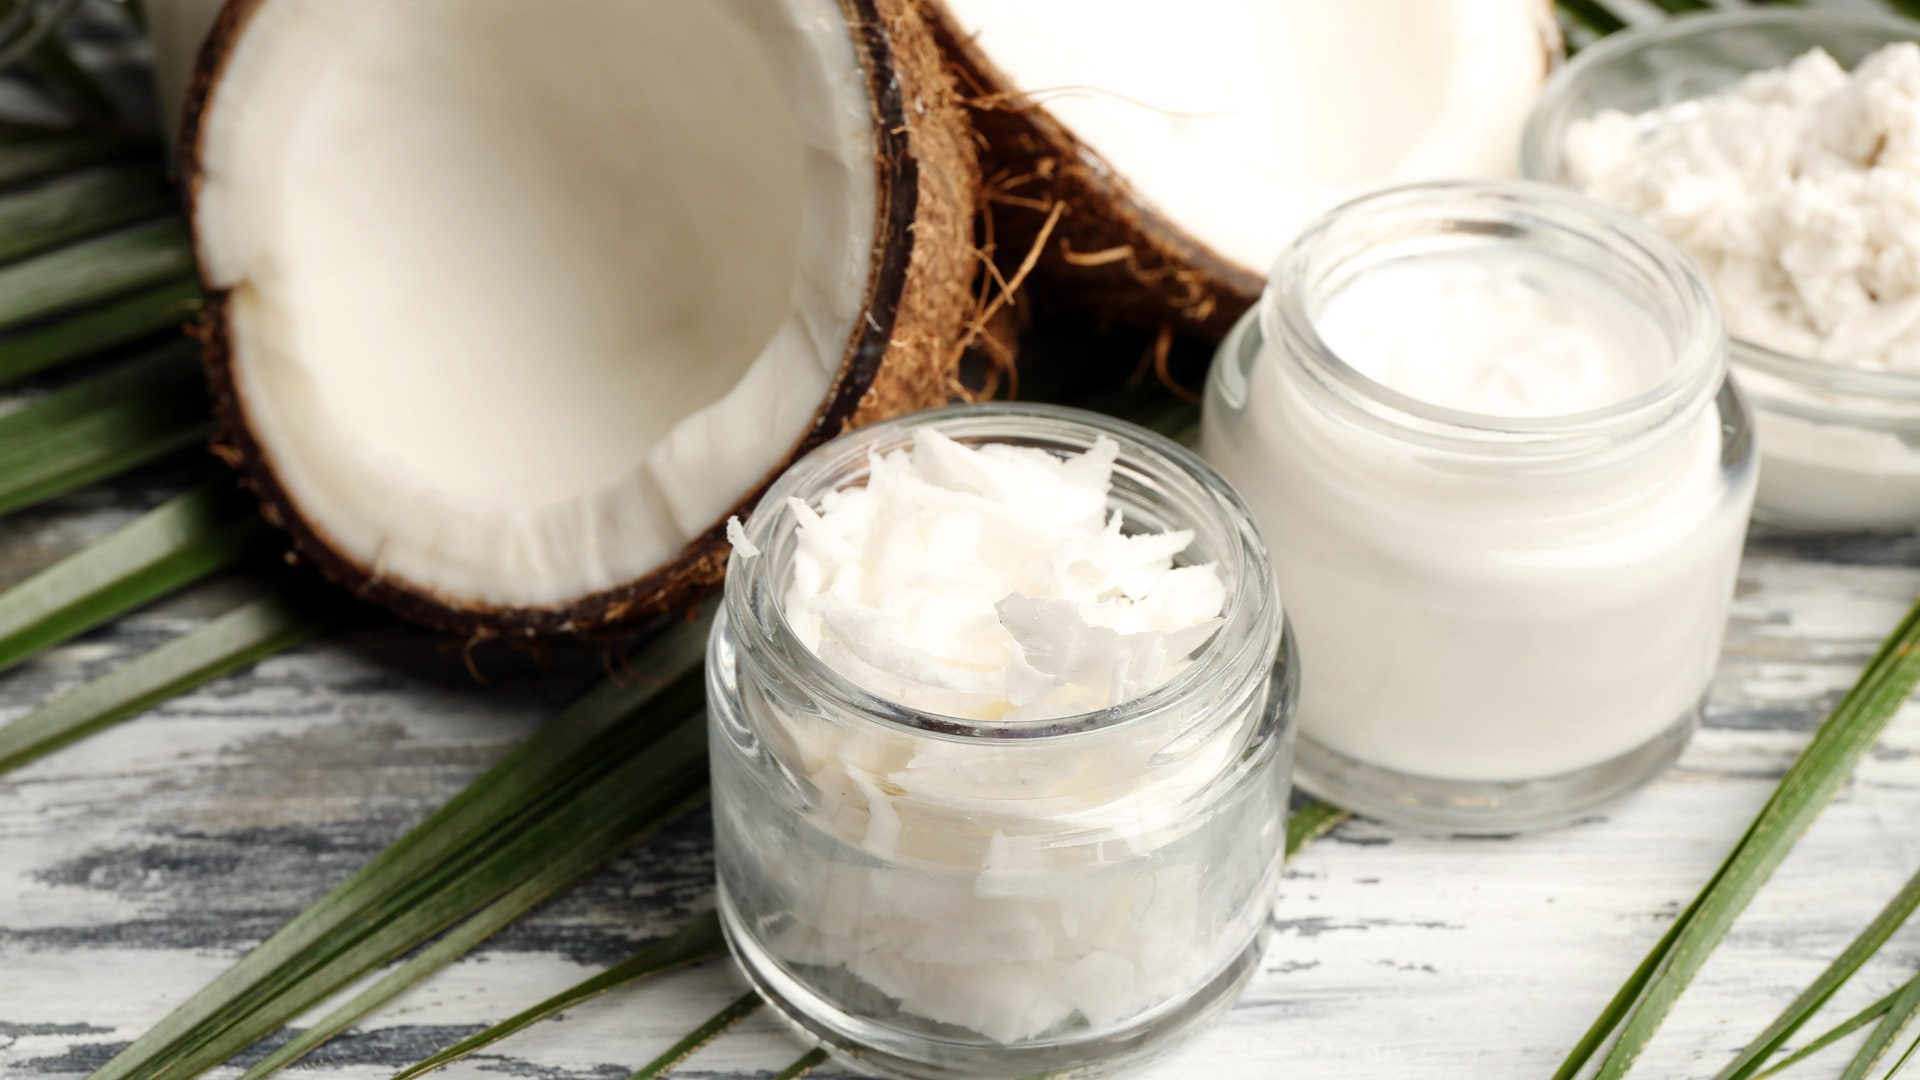 Кокосовое масло: польза, применение в косметологии для кожи лица, тела, волос